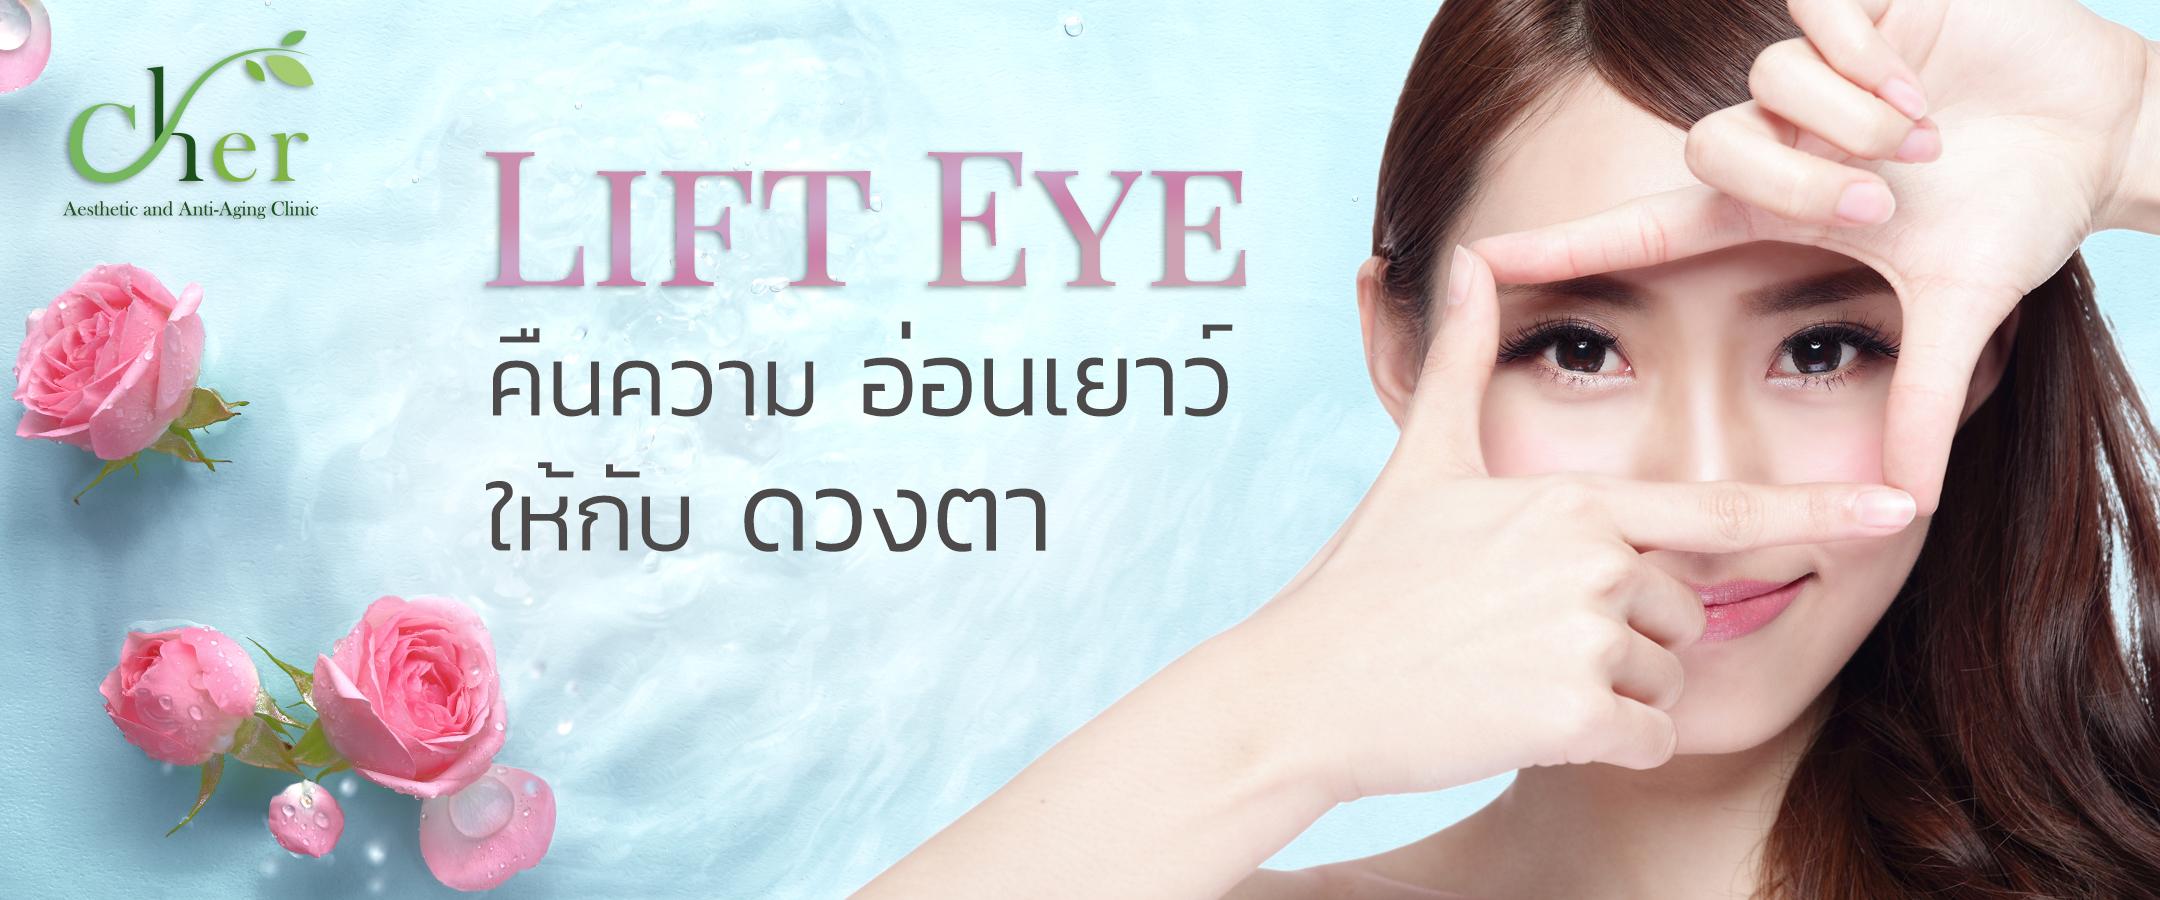 lift eye L copy.jpg